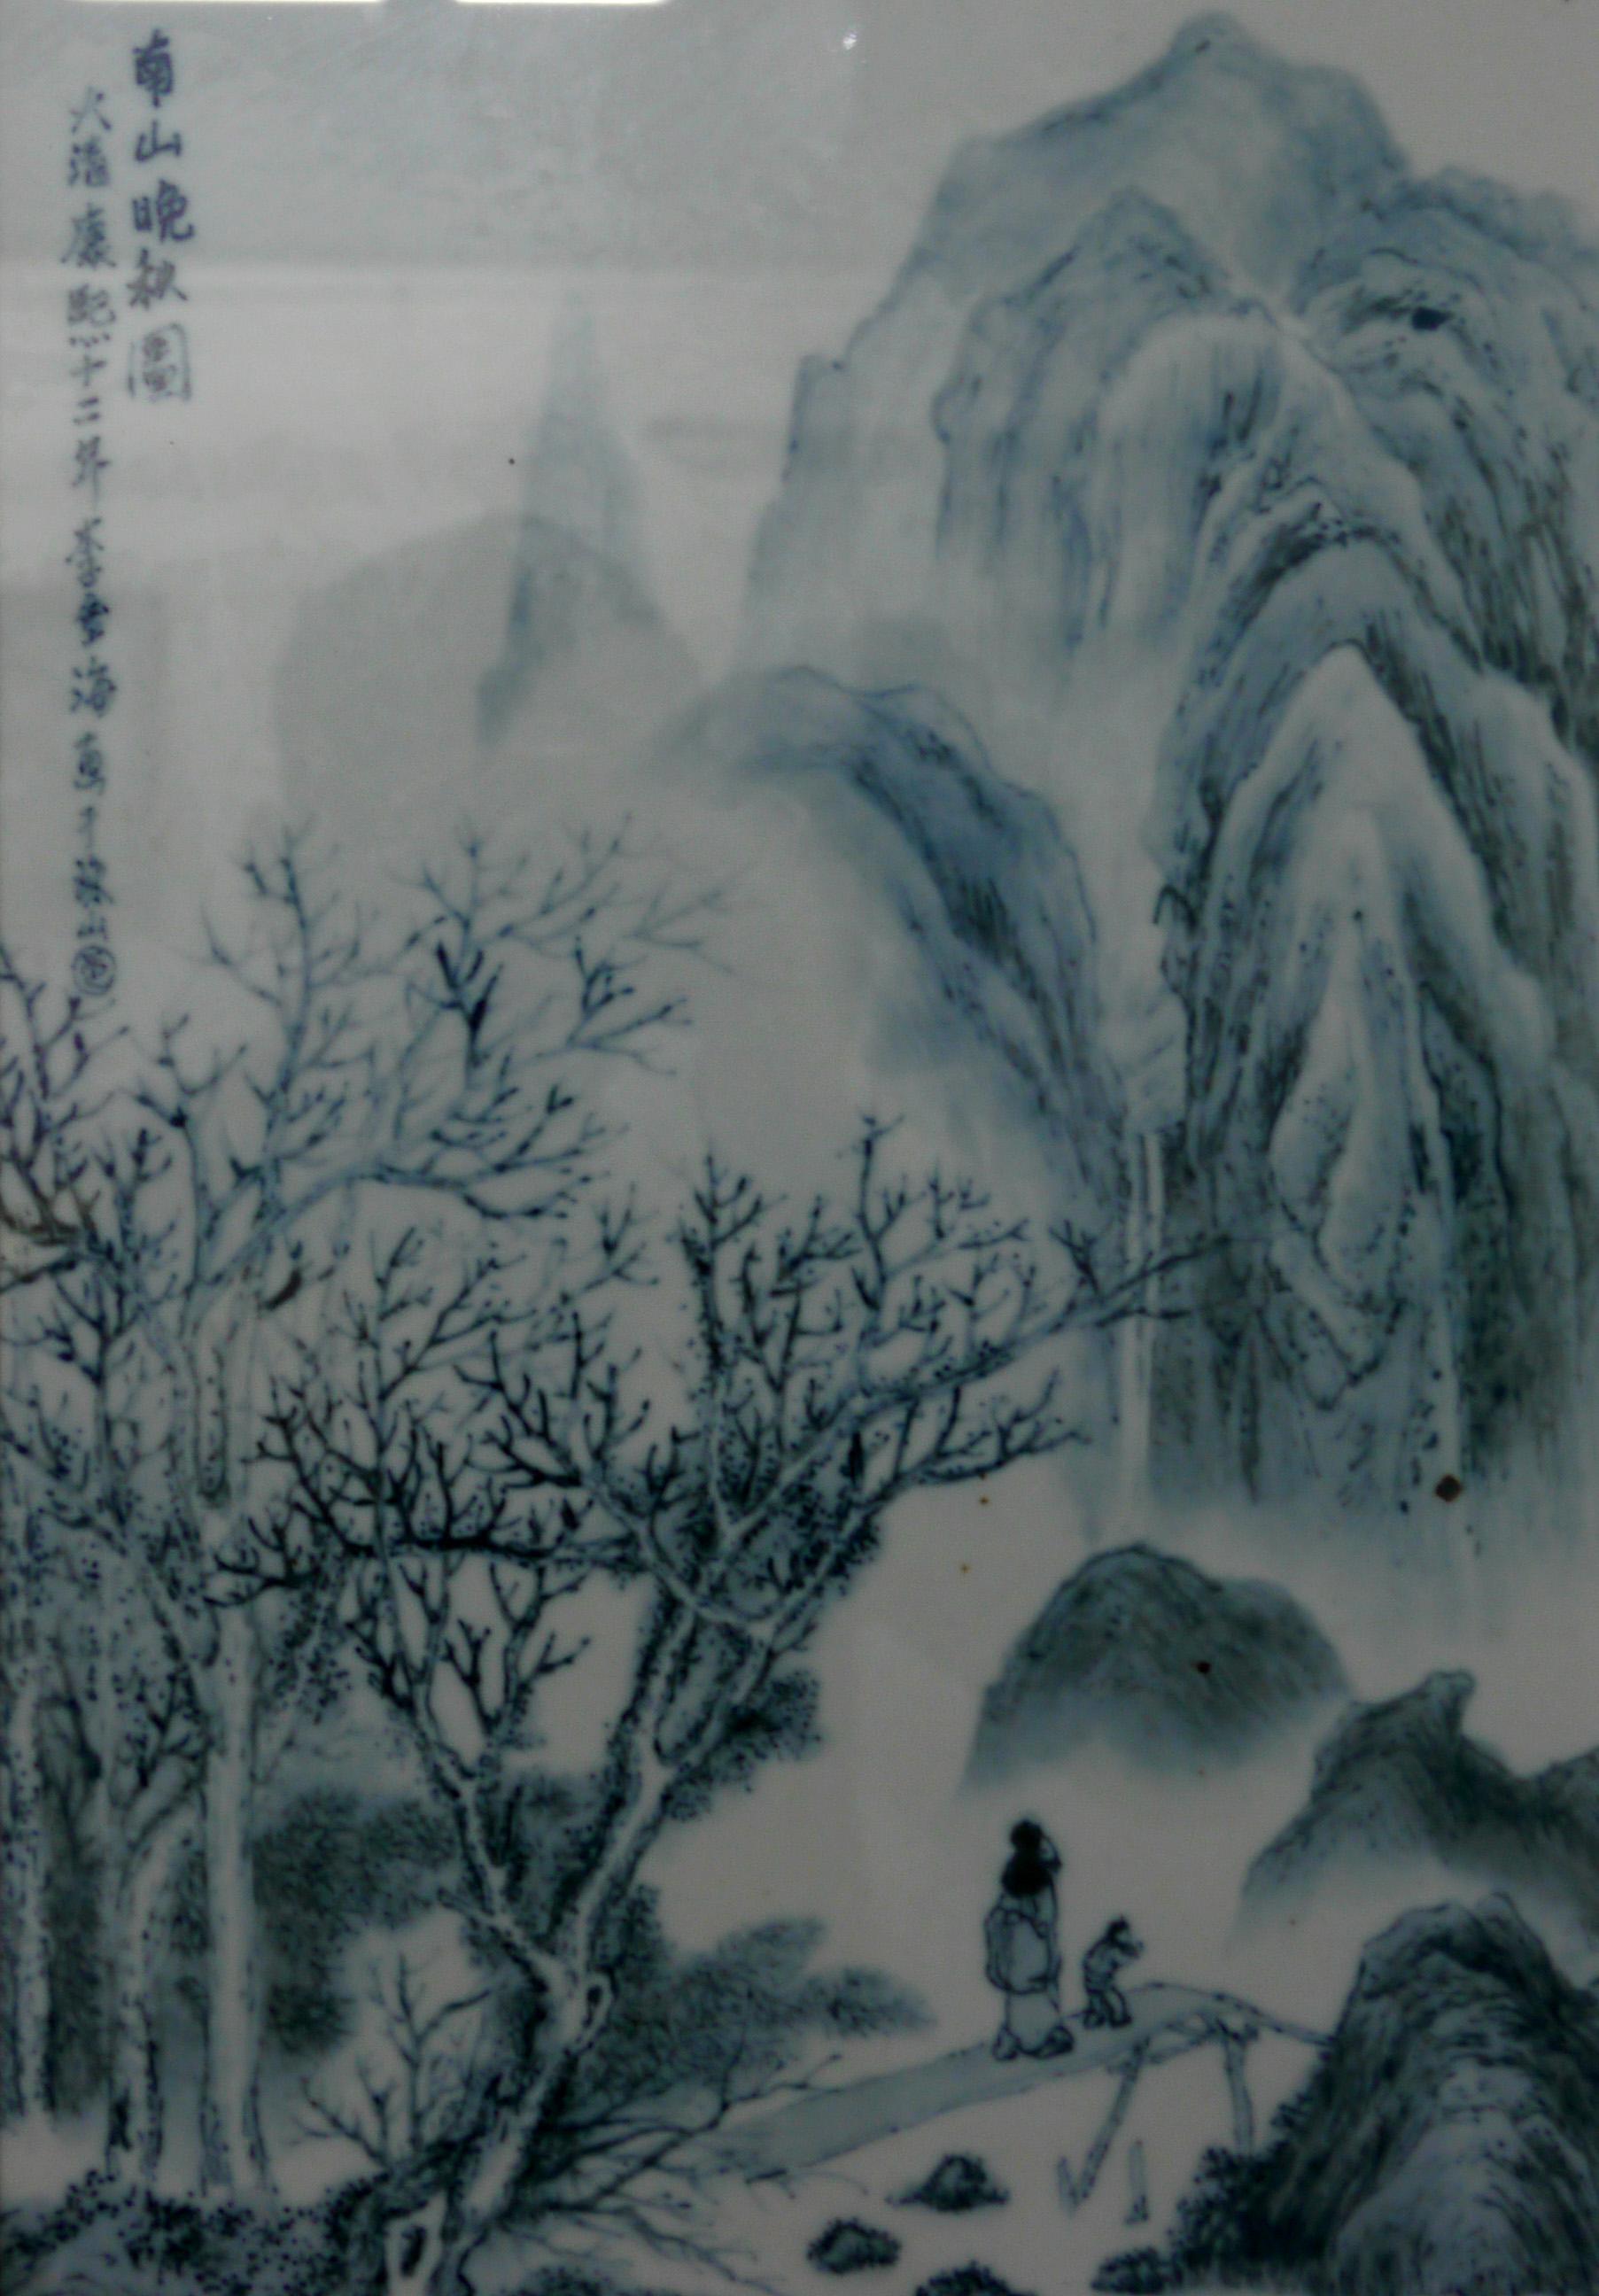 Mr Li Jing Hai